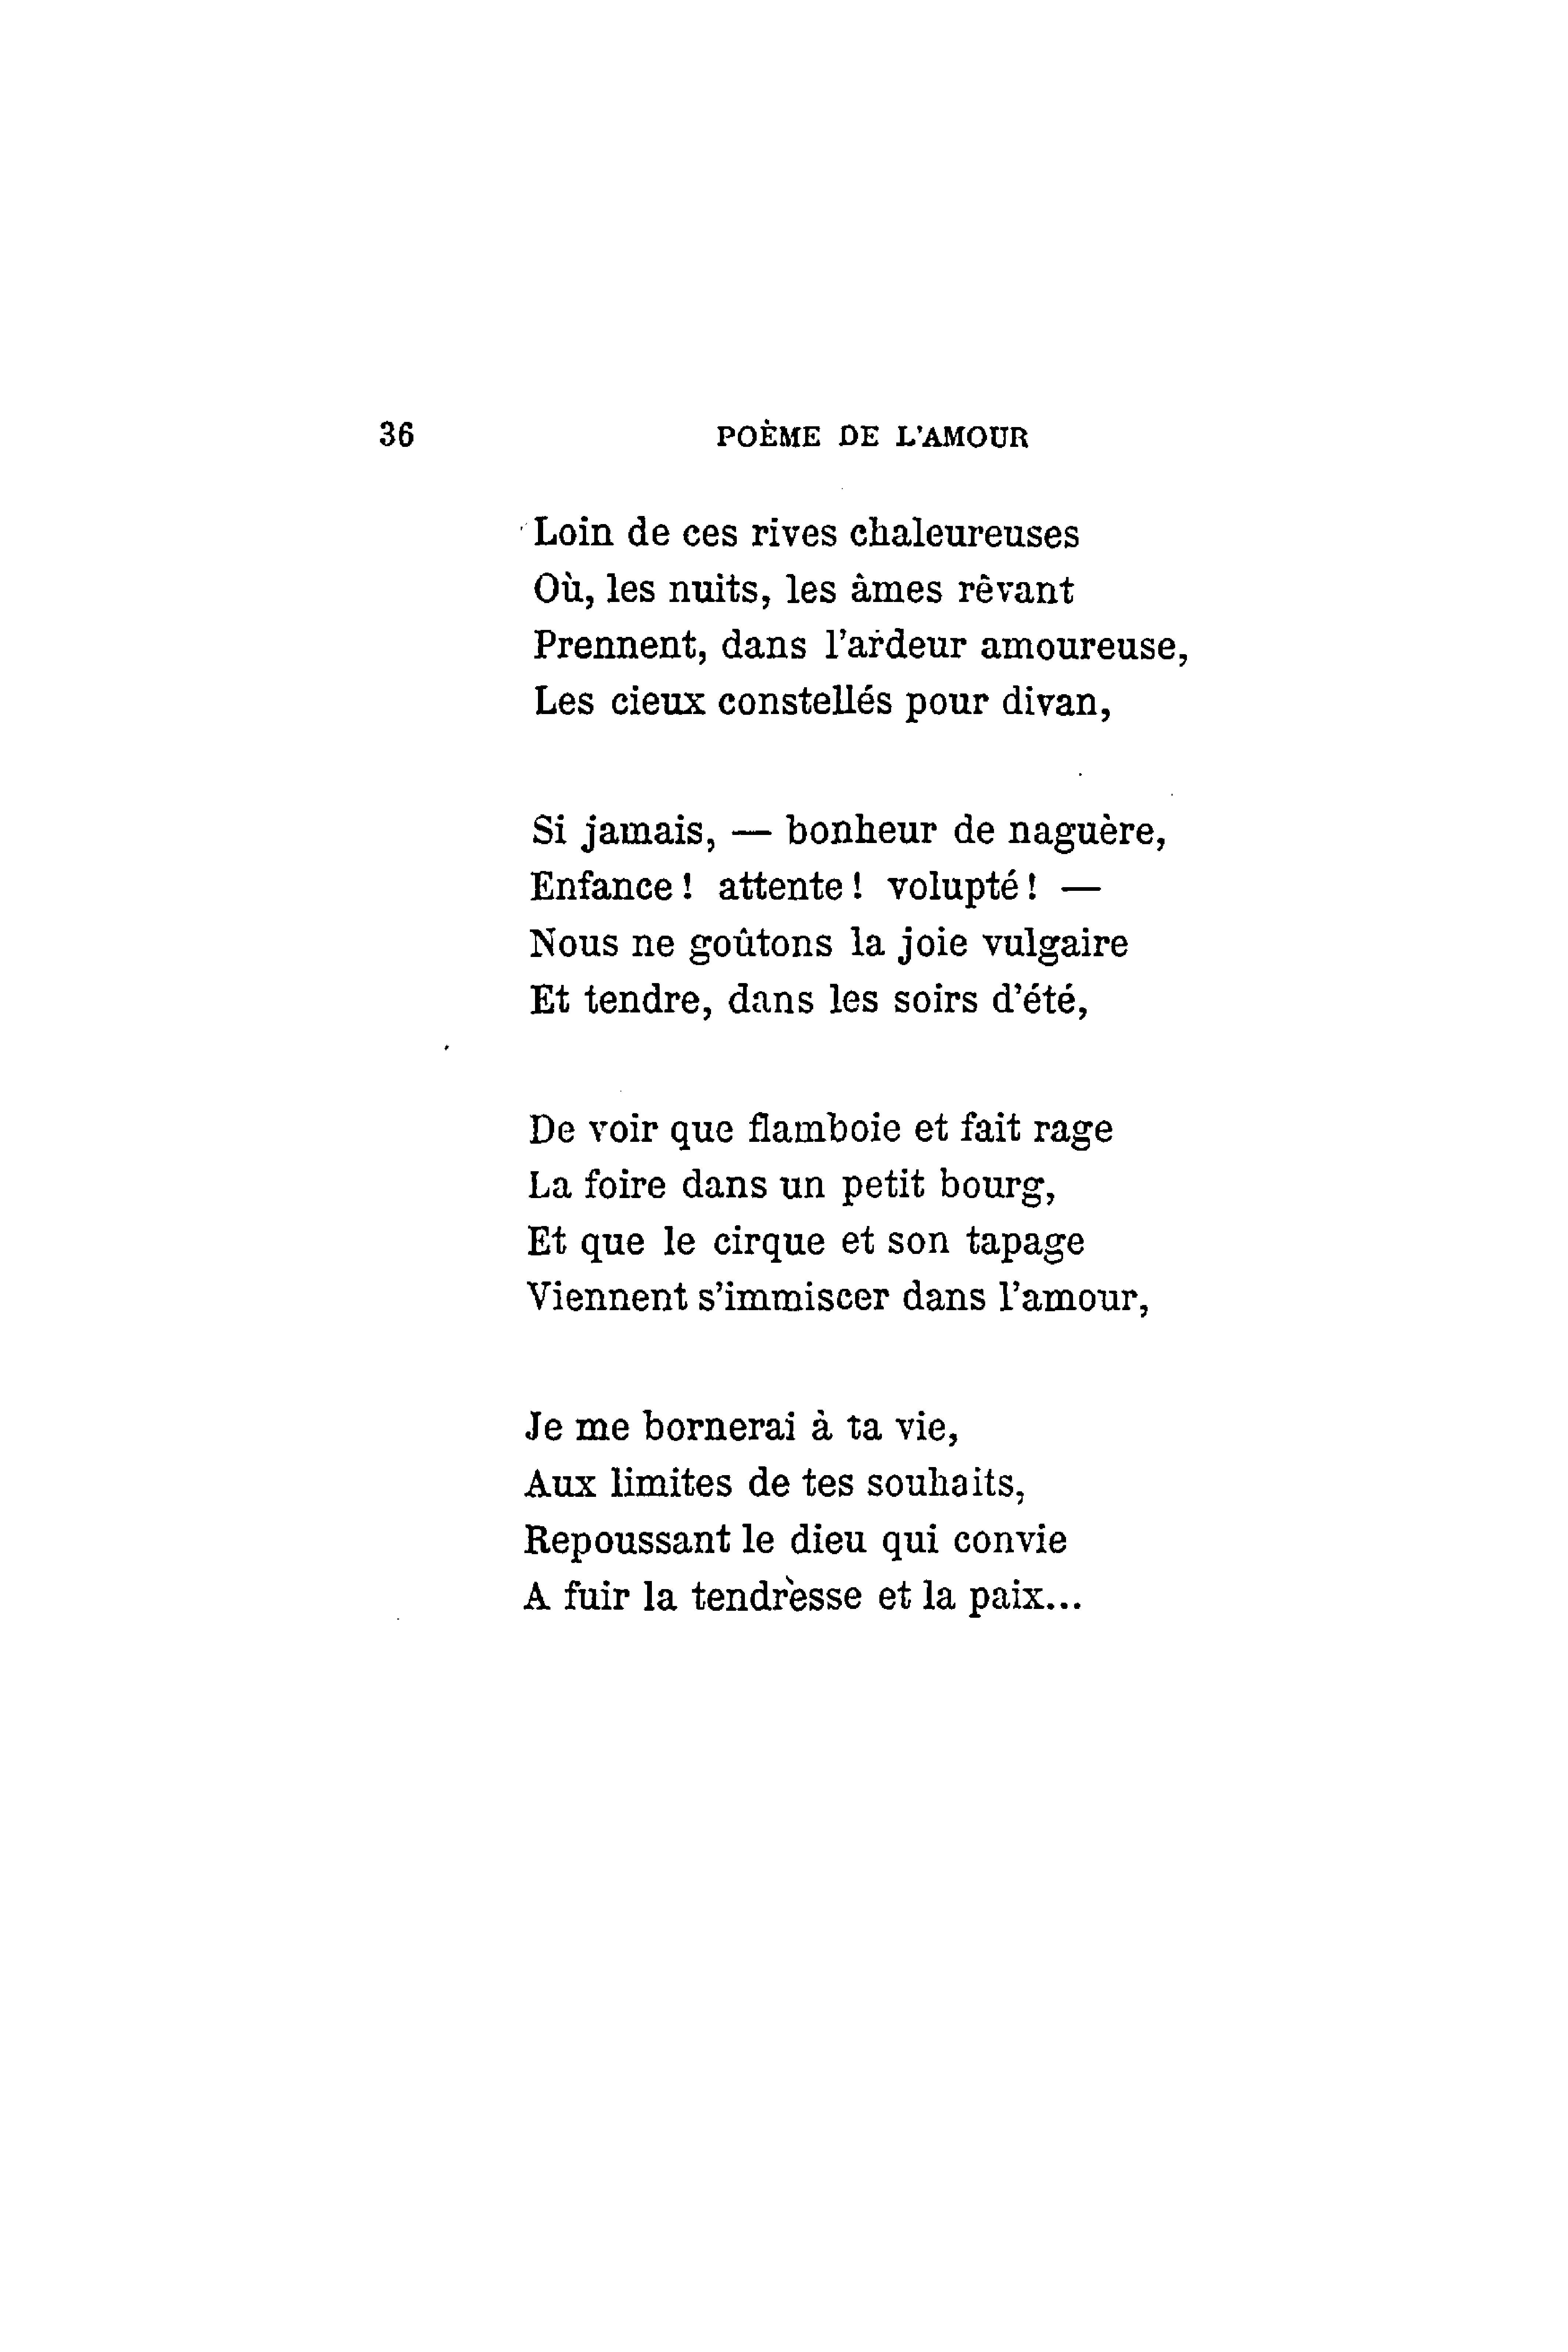 Pagenoailles Poème De Lamour 1924djvu34 Wikisource